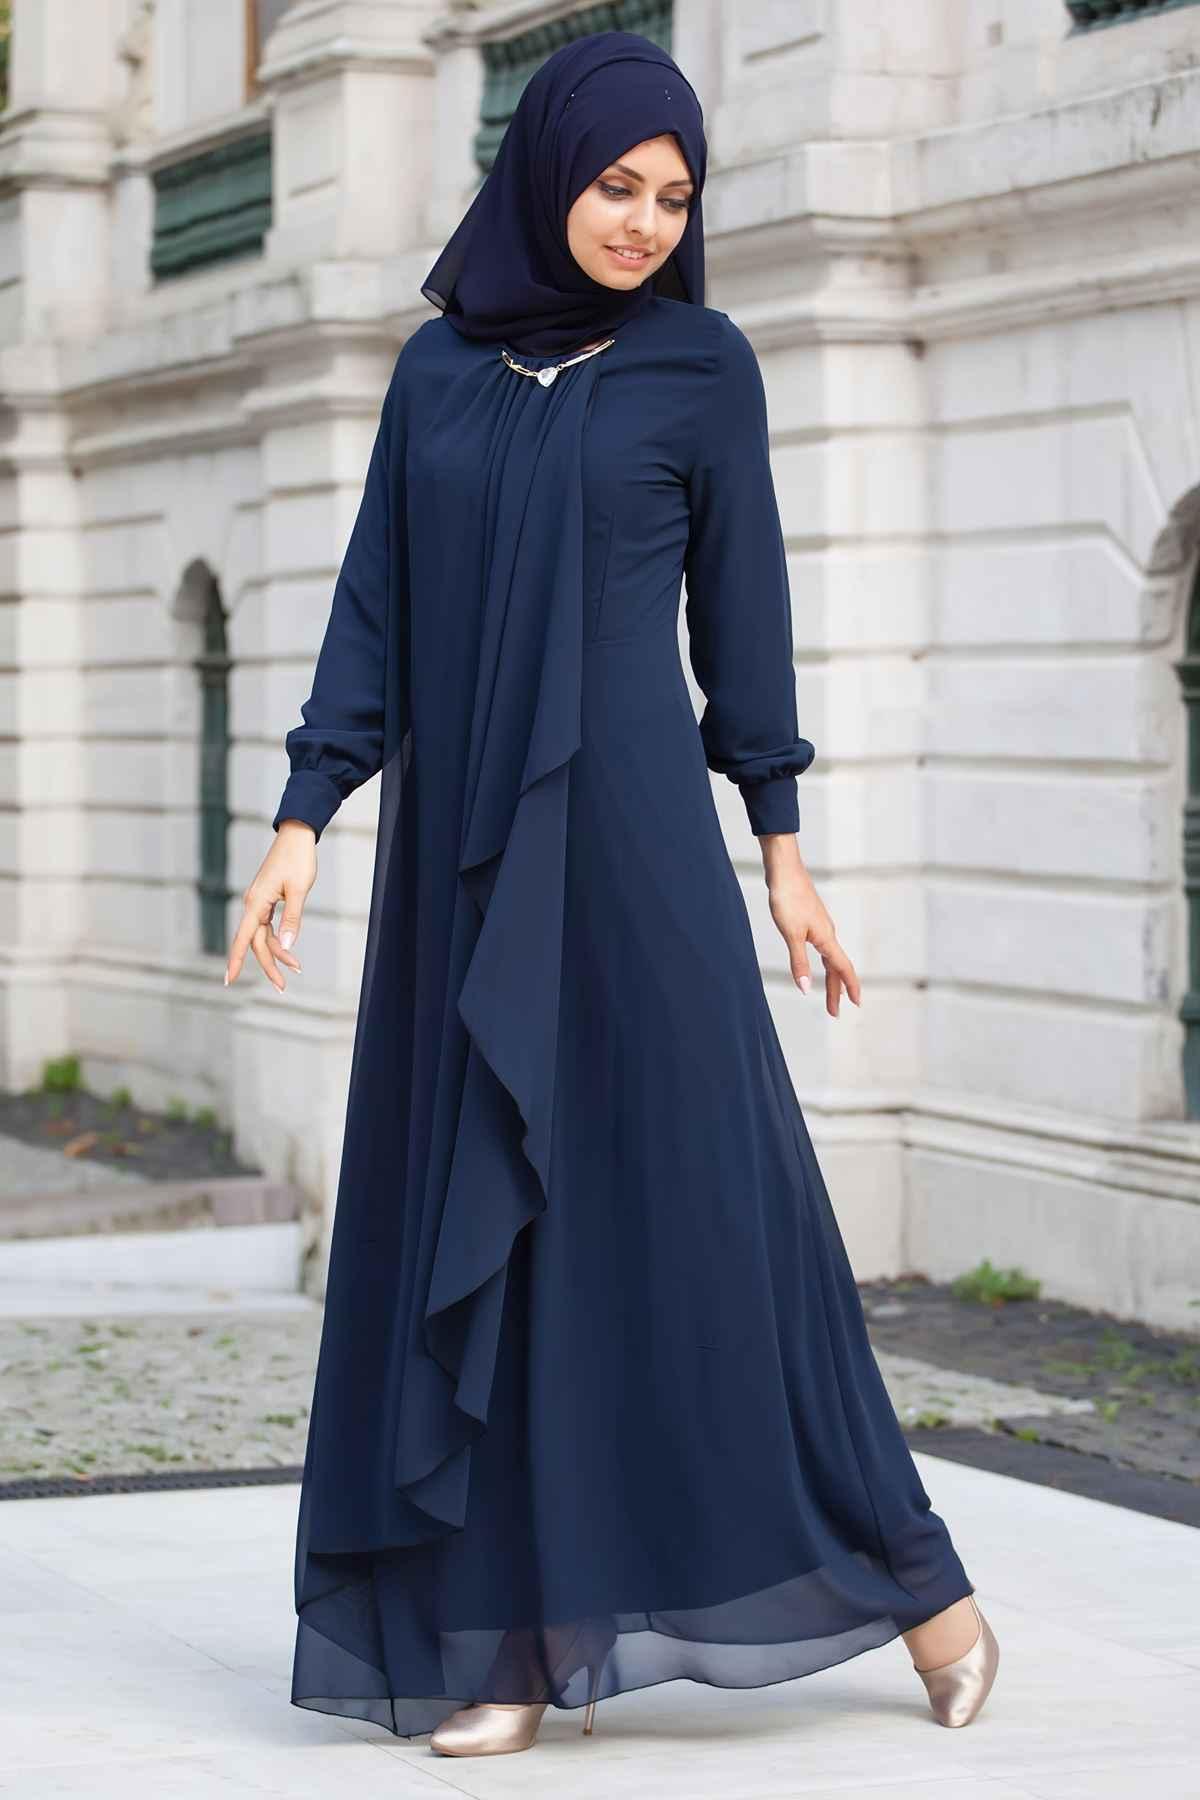 Sedanur Şal Kombinli Tesettür Dökümlü Abiye Elbise ModelleriSedanur Şal Kombinli Tesettür Dökümlü Abiye Elbise Modelleri